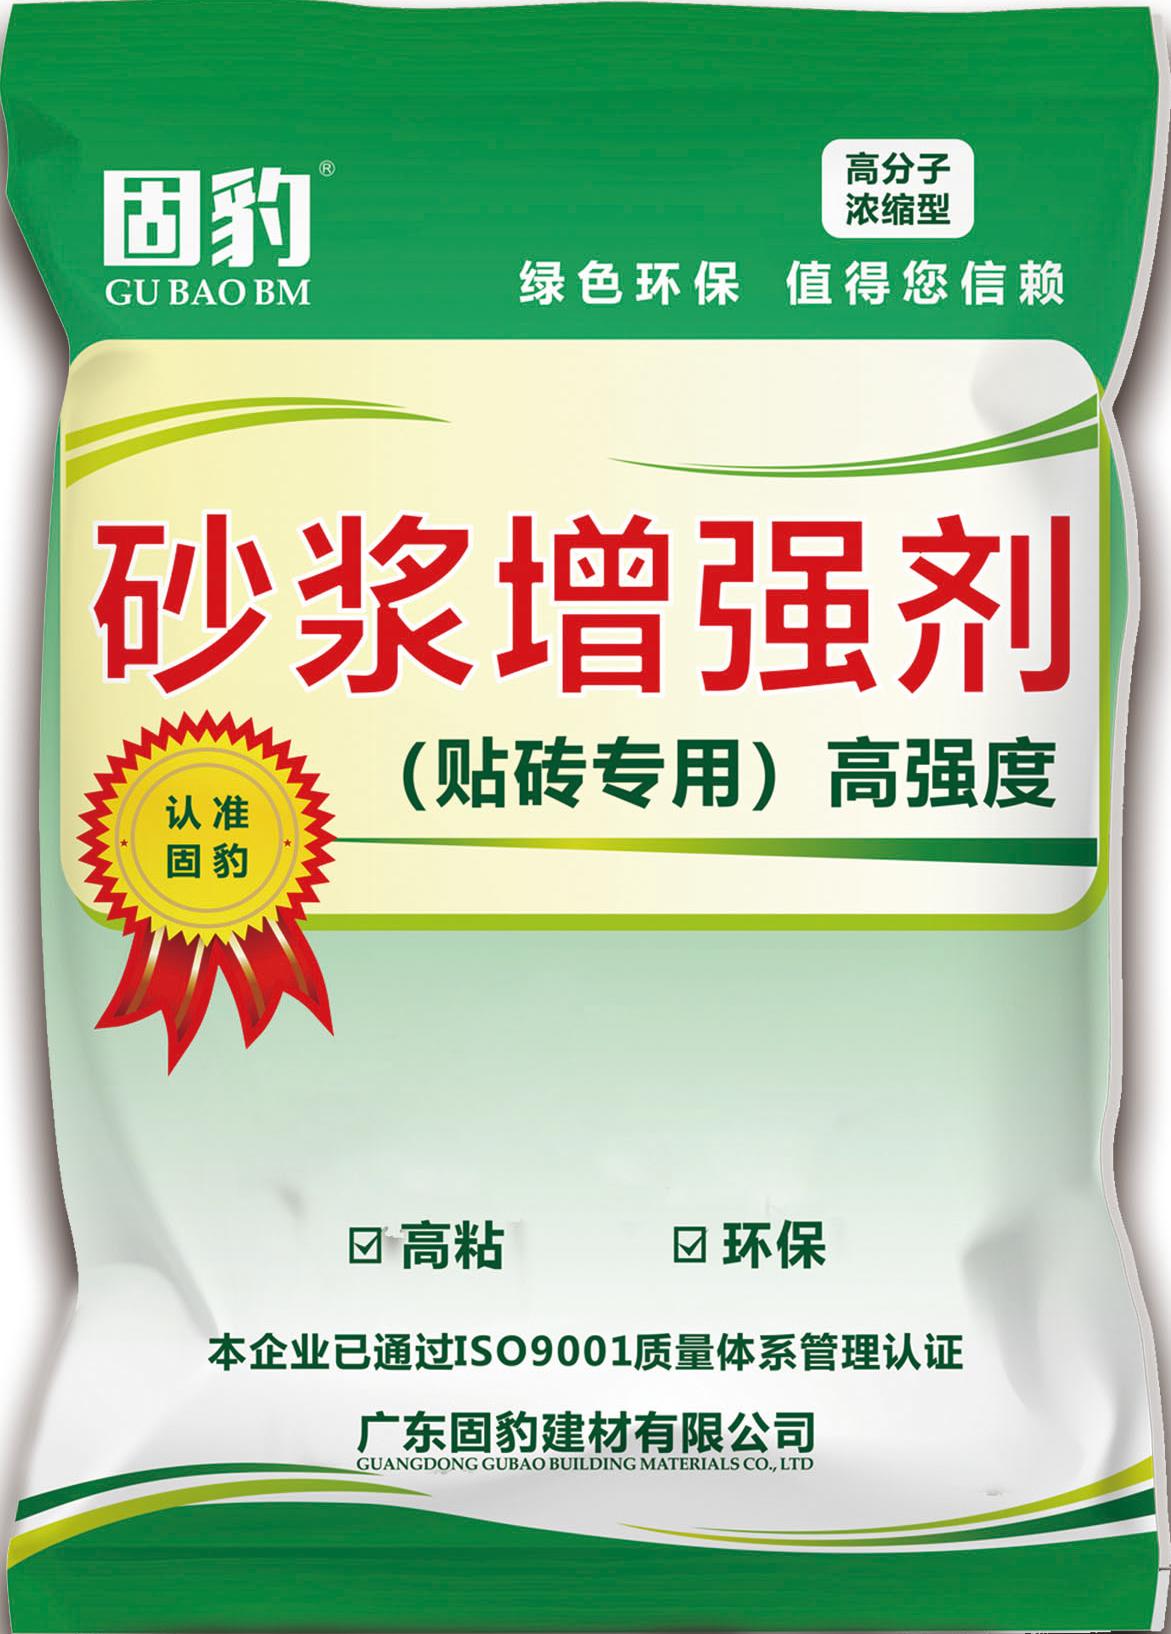 砂漿增強劑批發